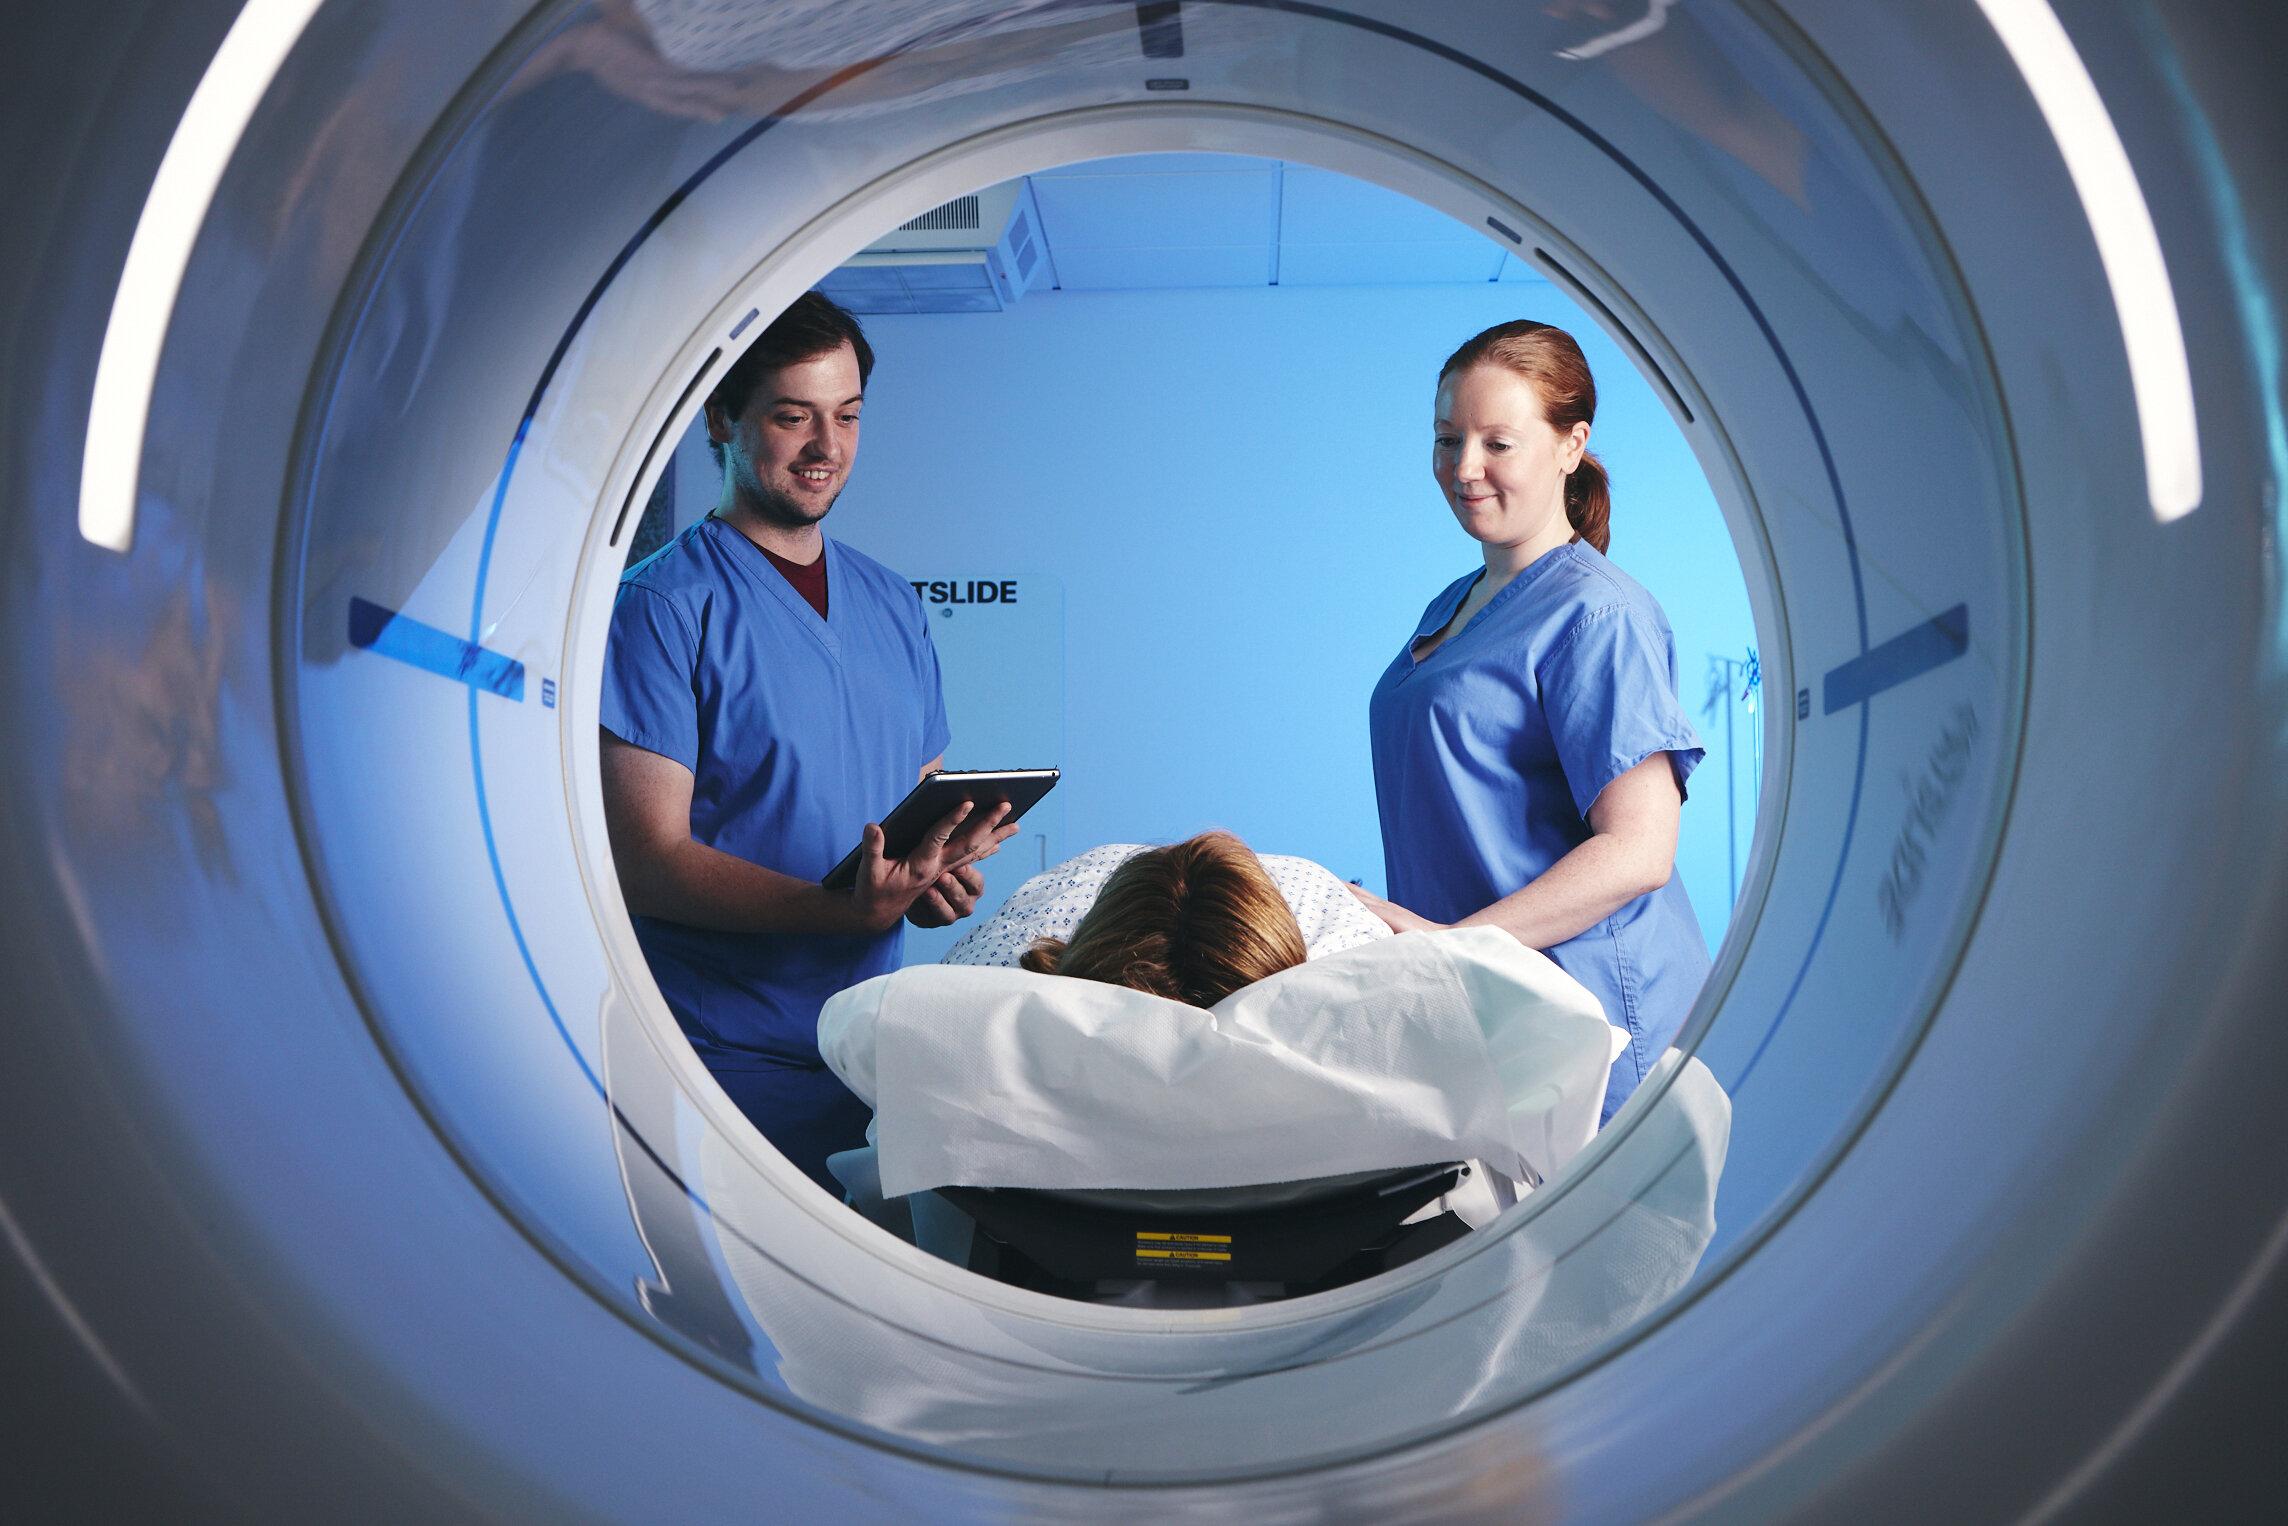 Hospital Scanner